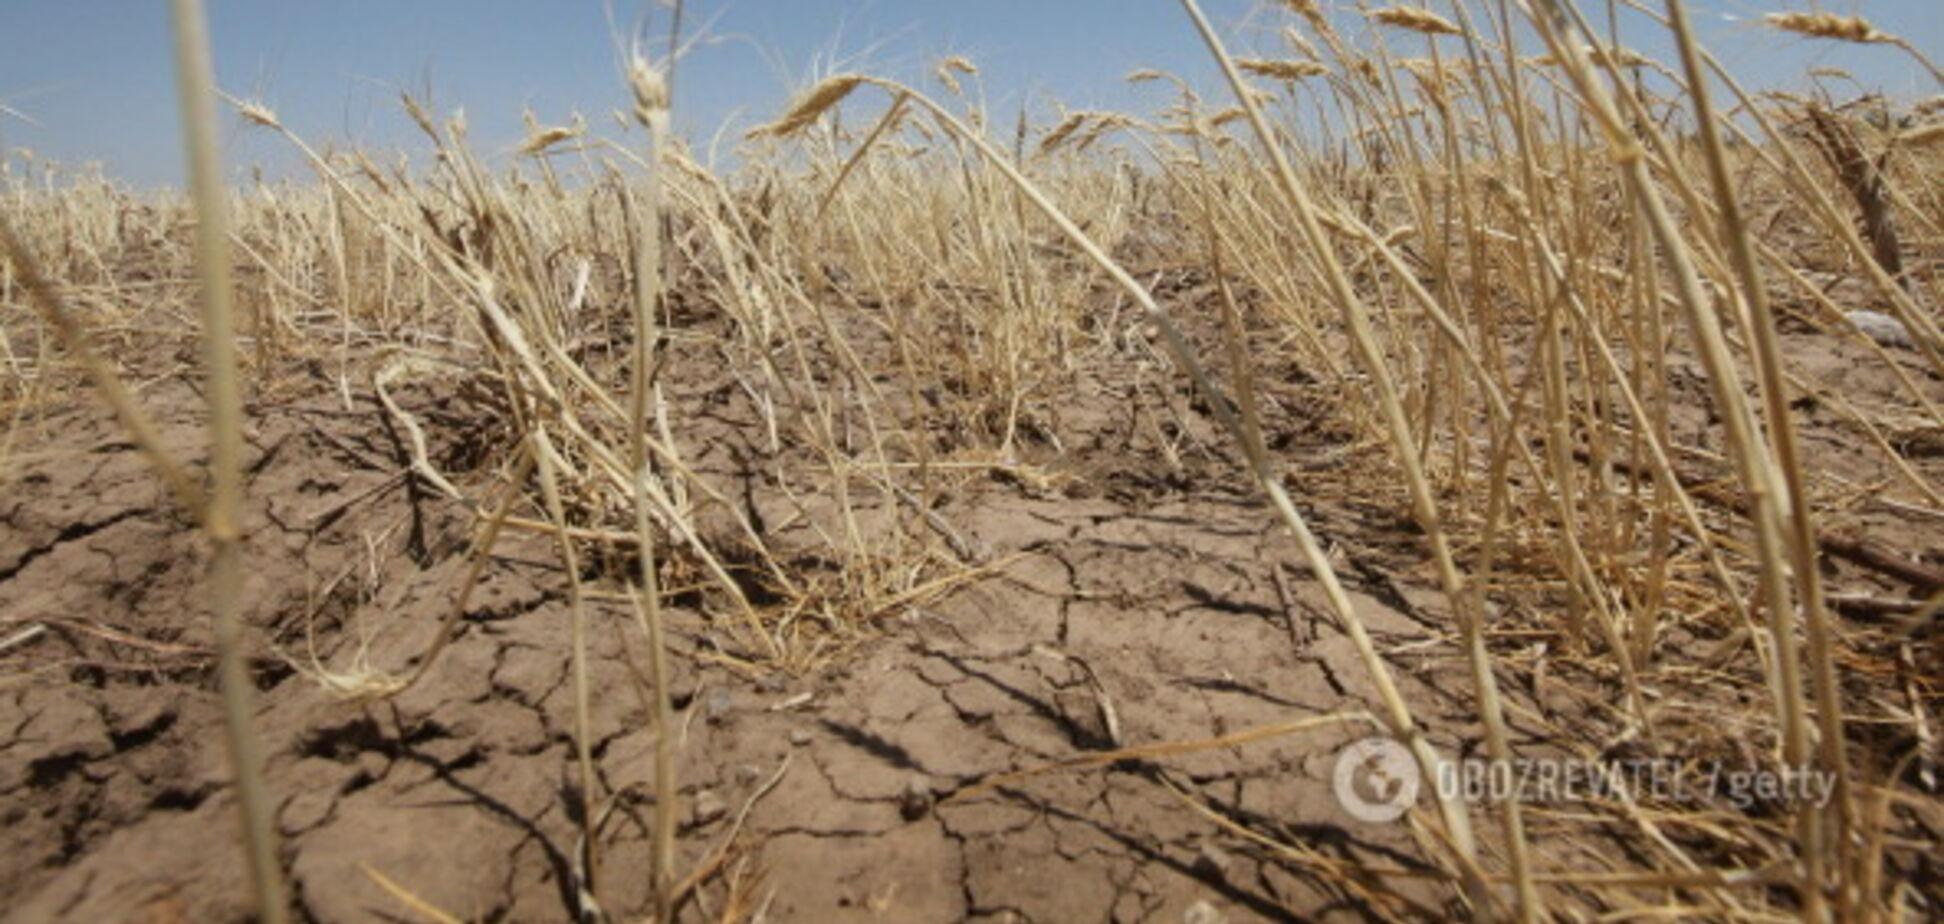 Тысячи людей в опасности: стало известно, чем грозит засуха в Крыму